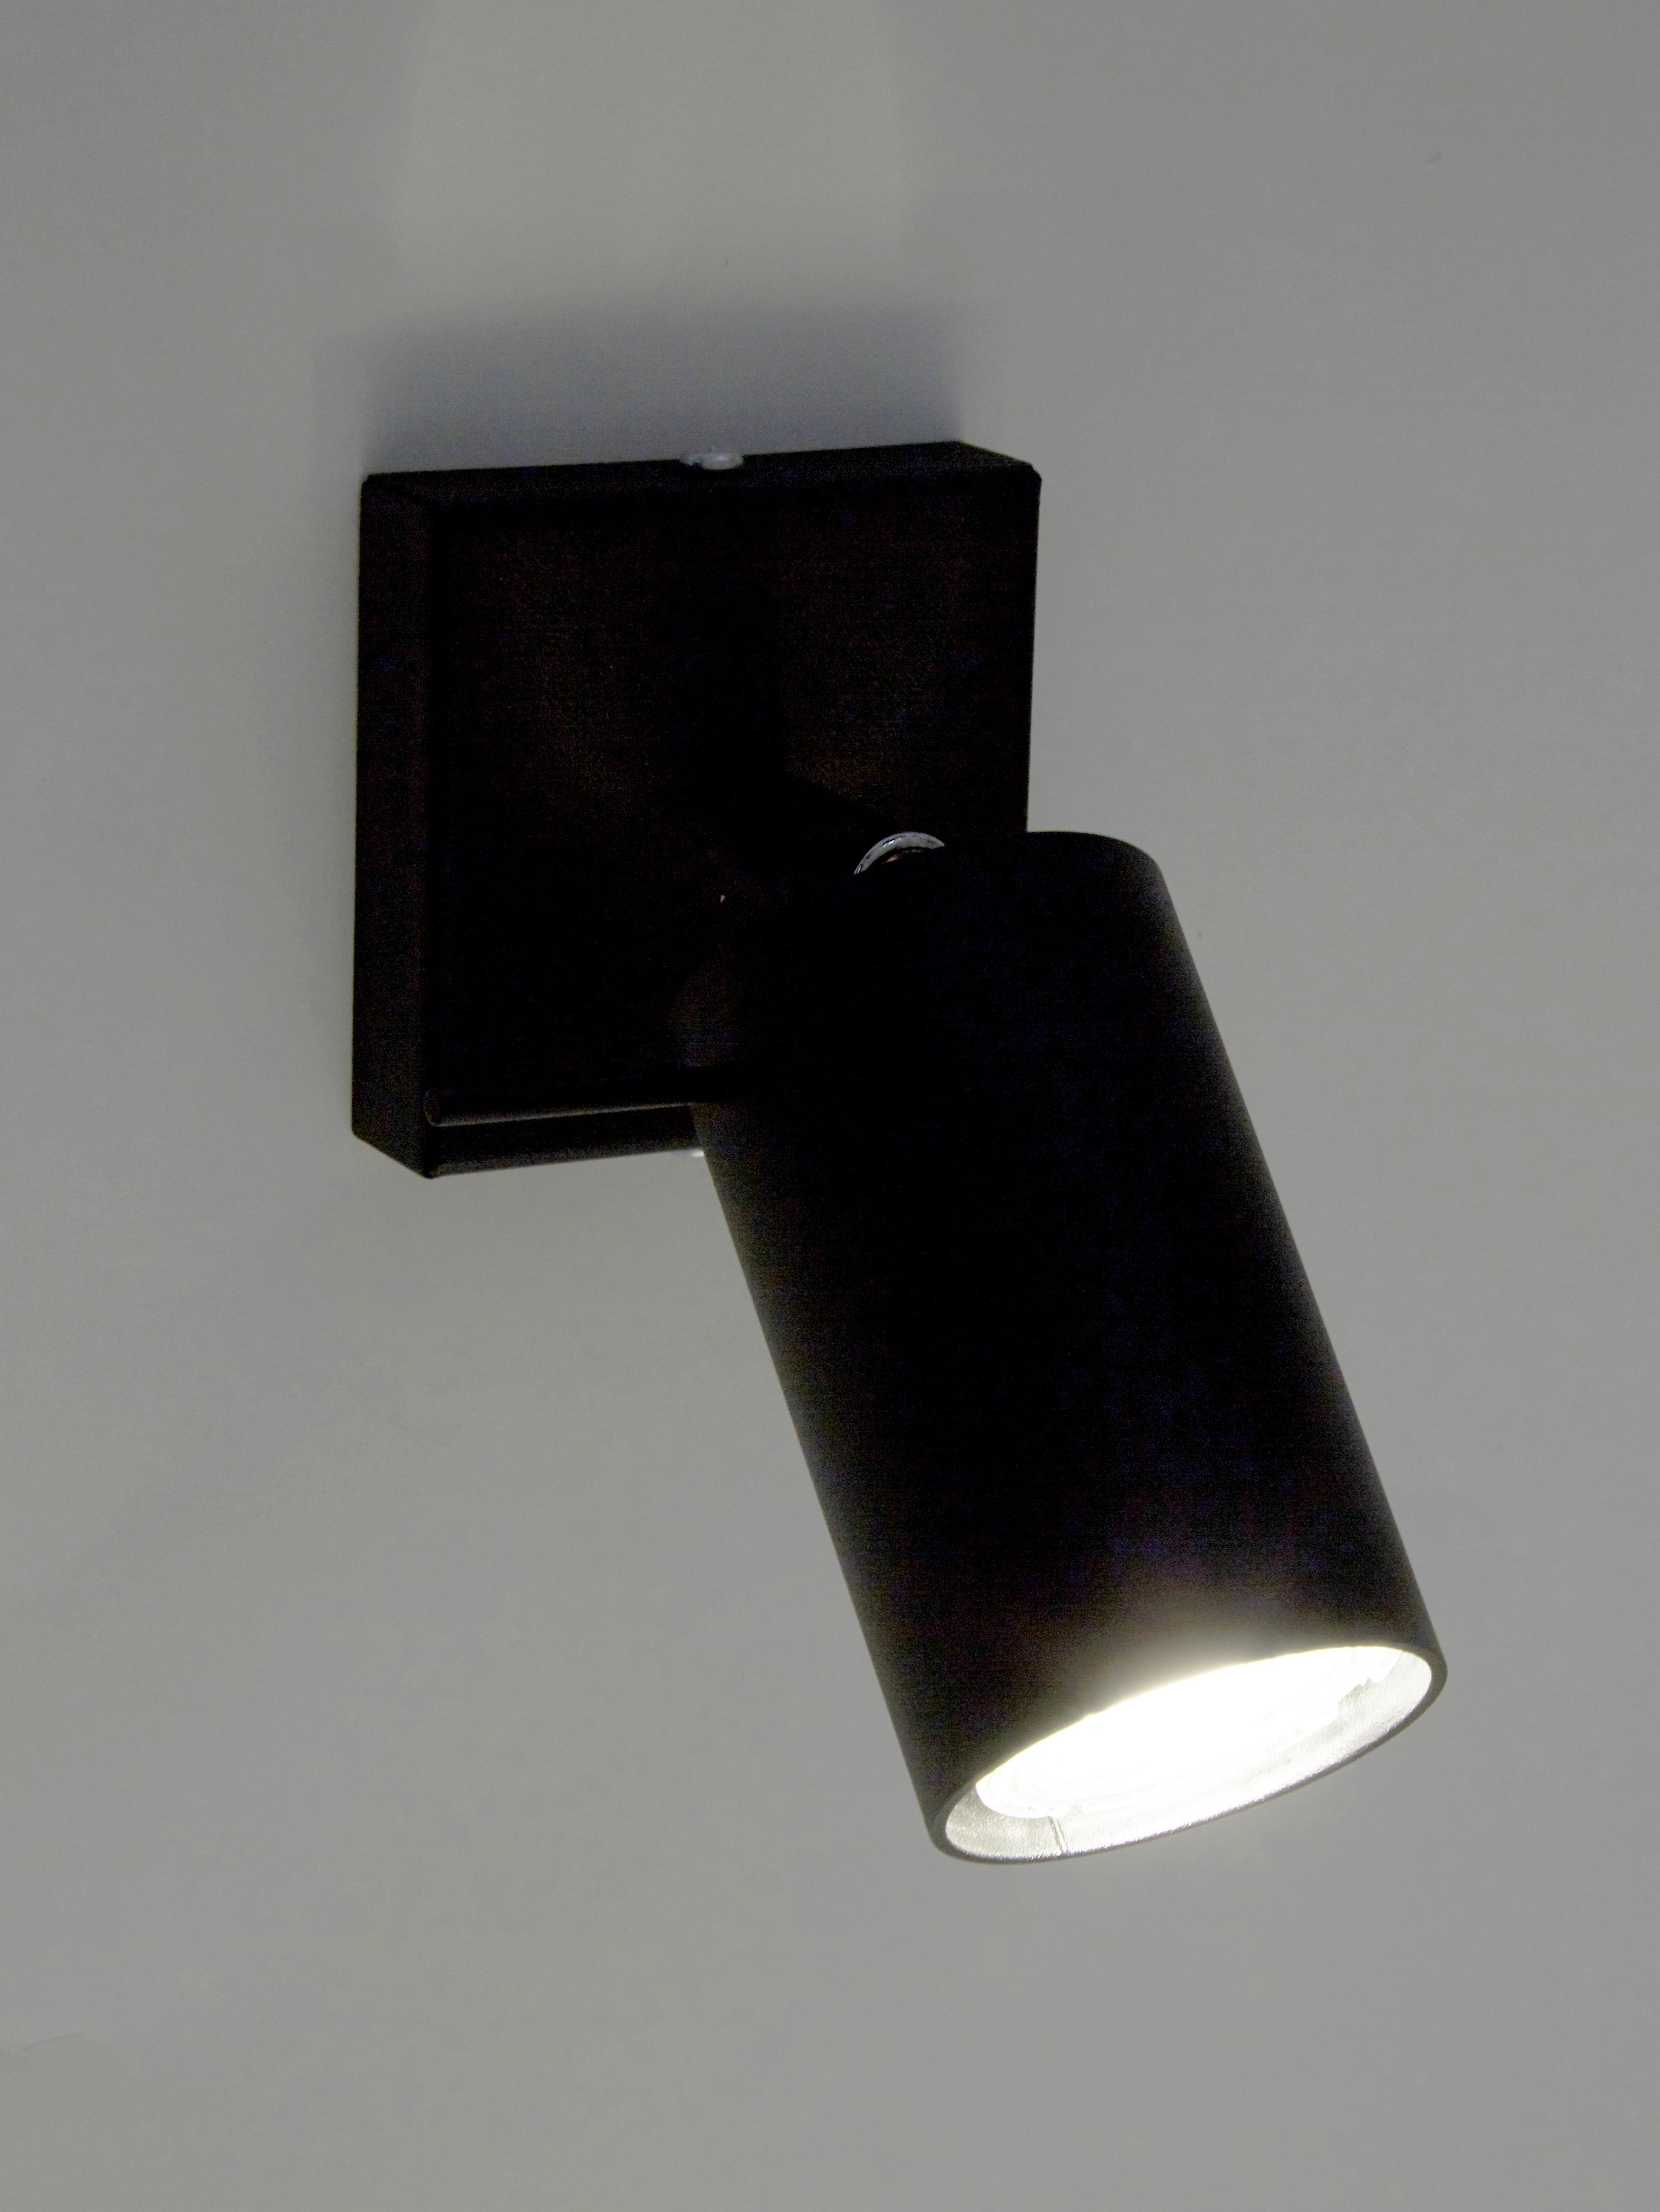 Deckenstrahler Etna in Schwarz, Stahl, lackiert, Schwarz, 10 x 15 cm